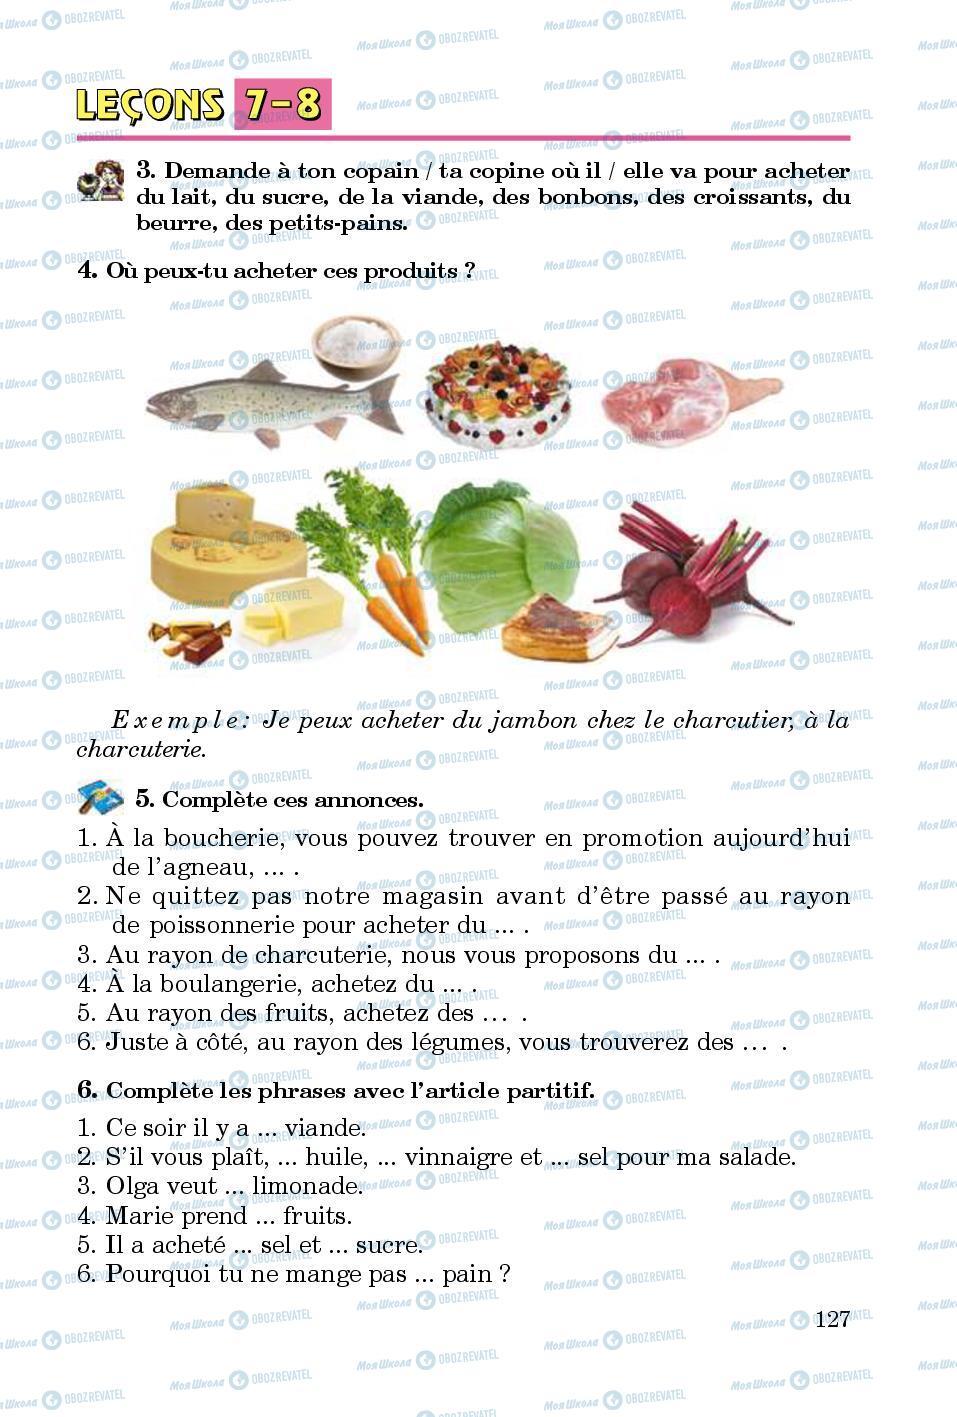 Підручники Французька мова 5 клас сторінка 127